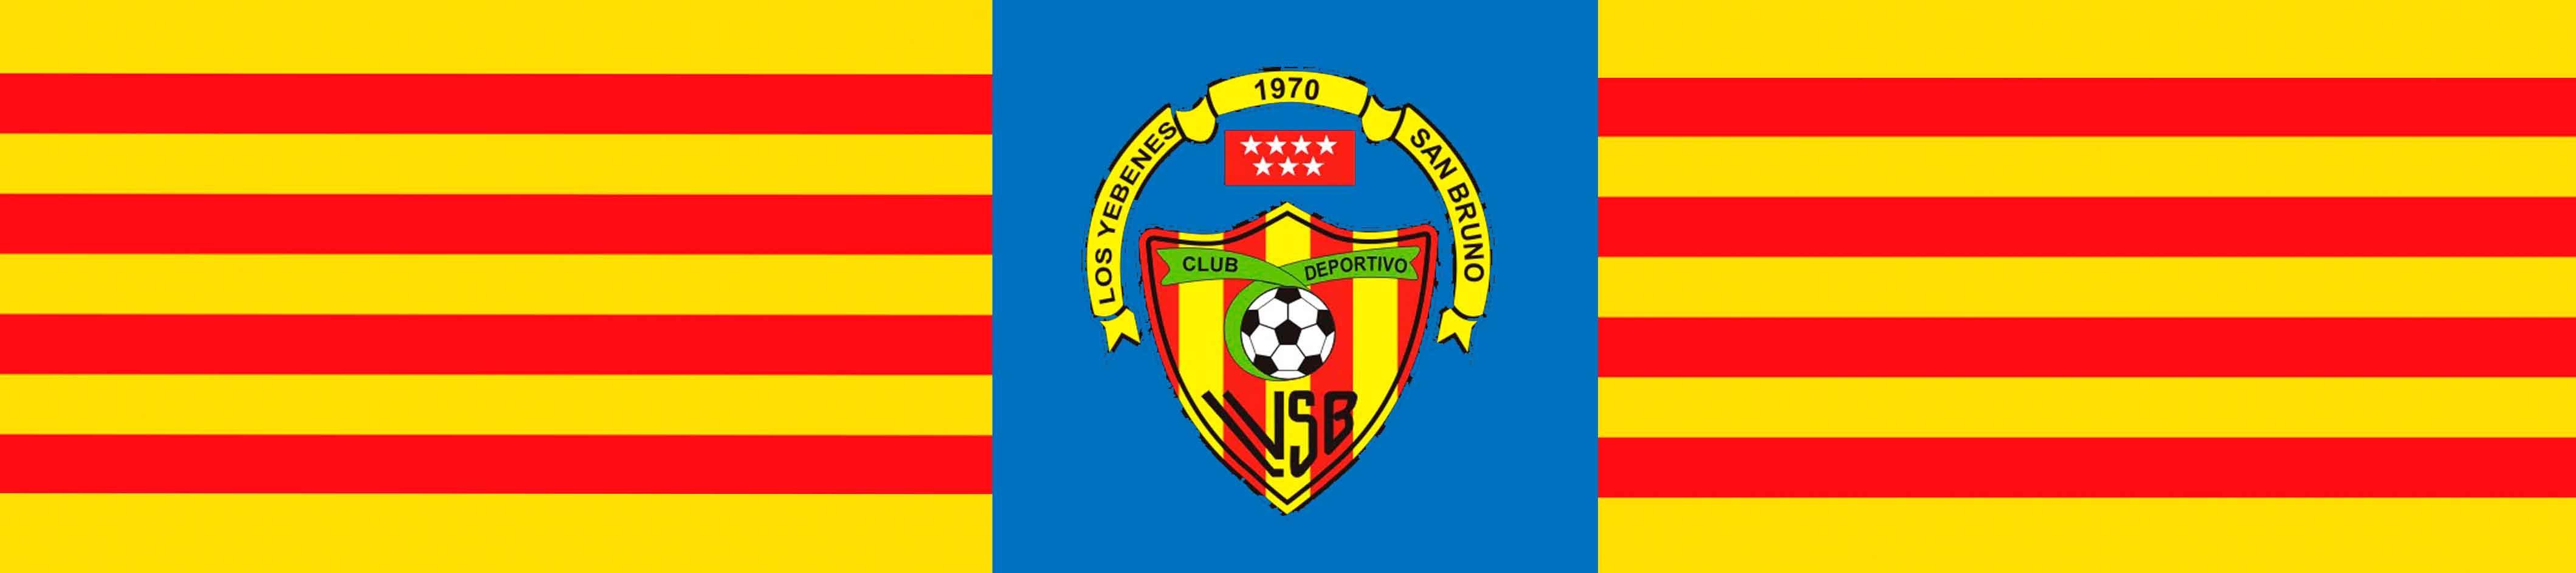 C.D. LOS YEBENES SAN BRUNO